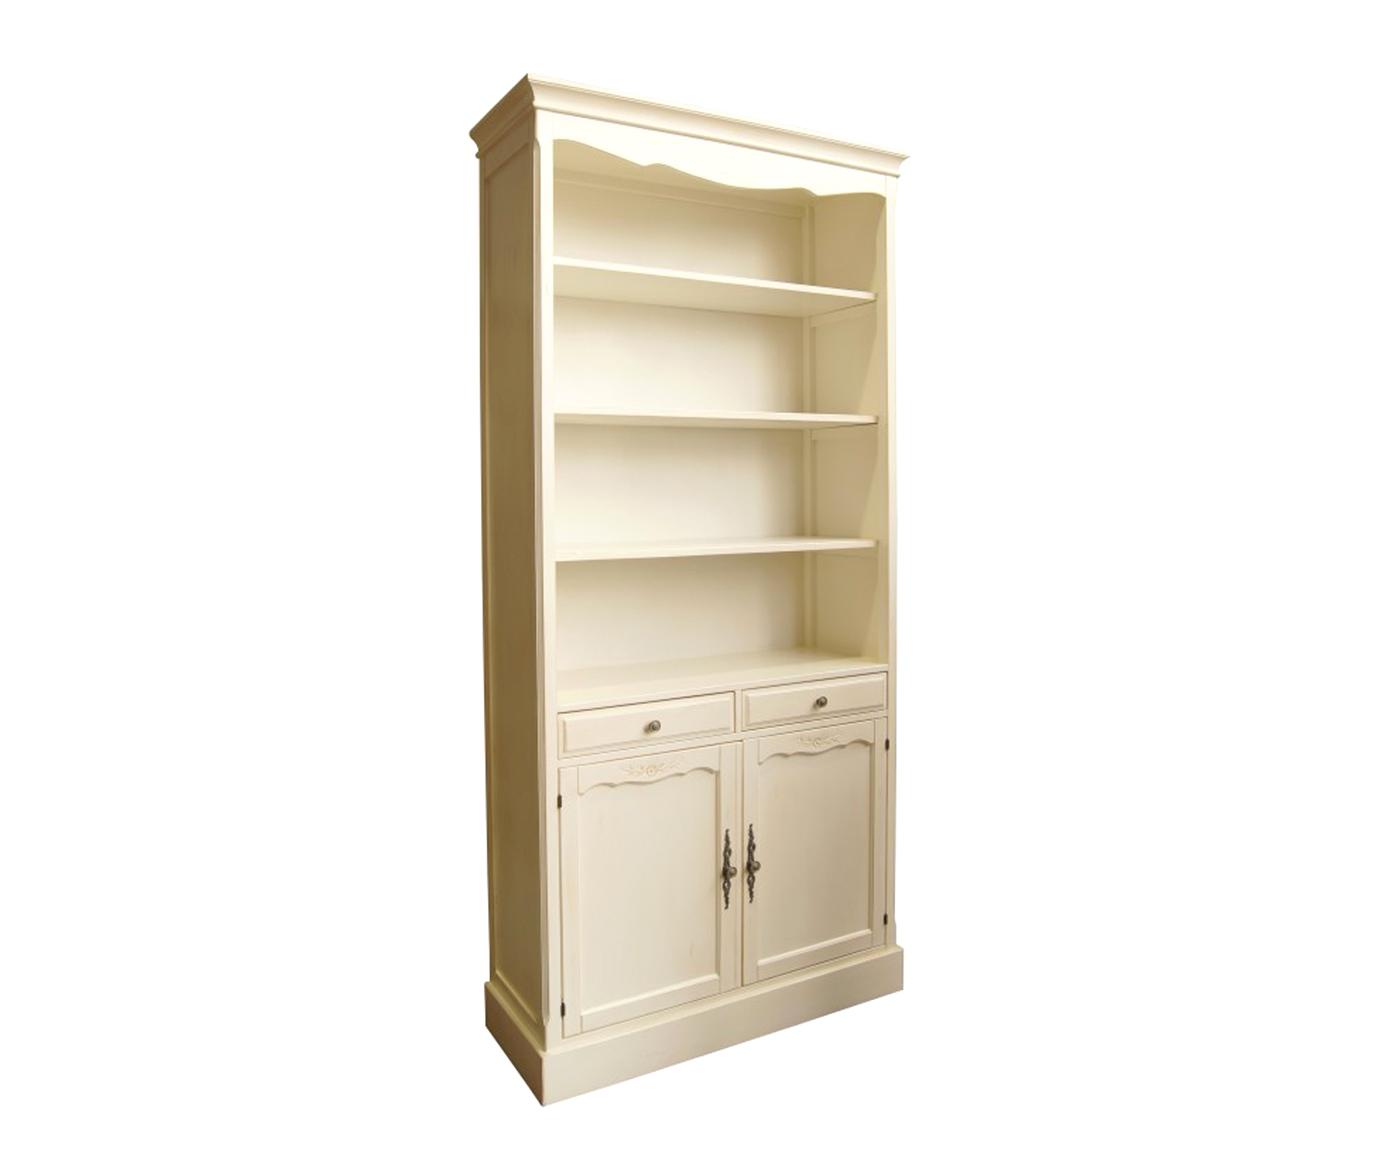 Шкаф книжныйКнижные шкафы и библиотеки<br><br><br>Material: Бук<br>Width см: 104<br>Depth см: 40<br>Height см: 220